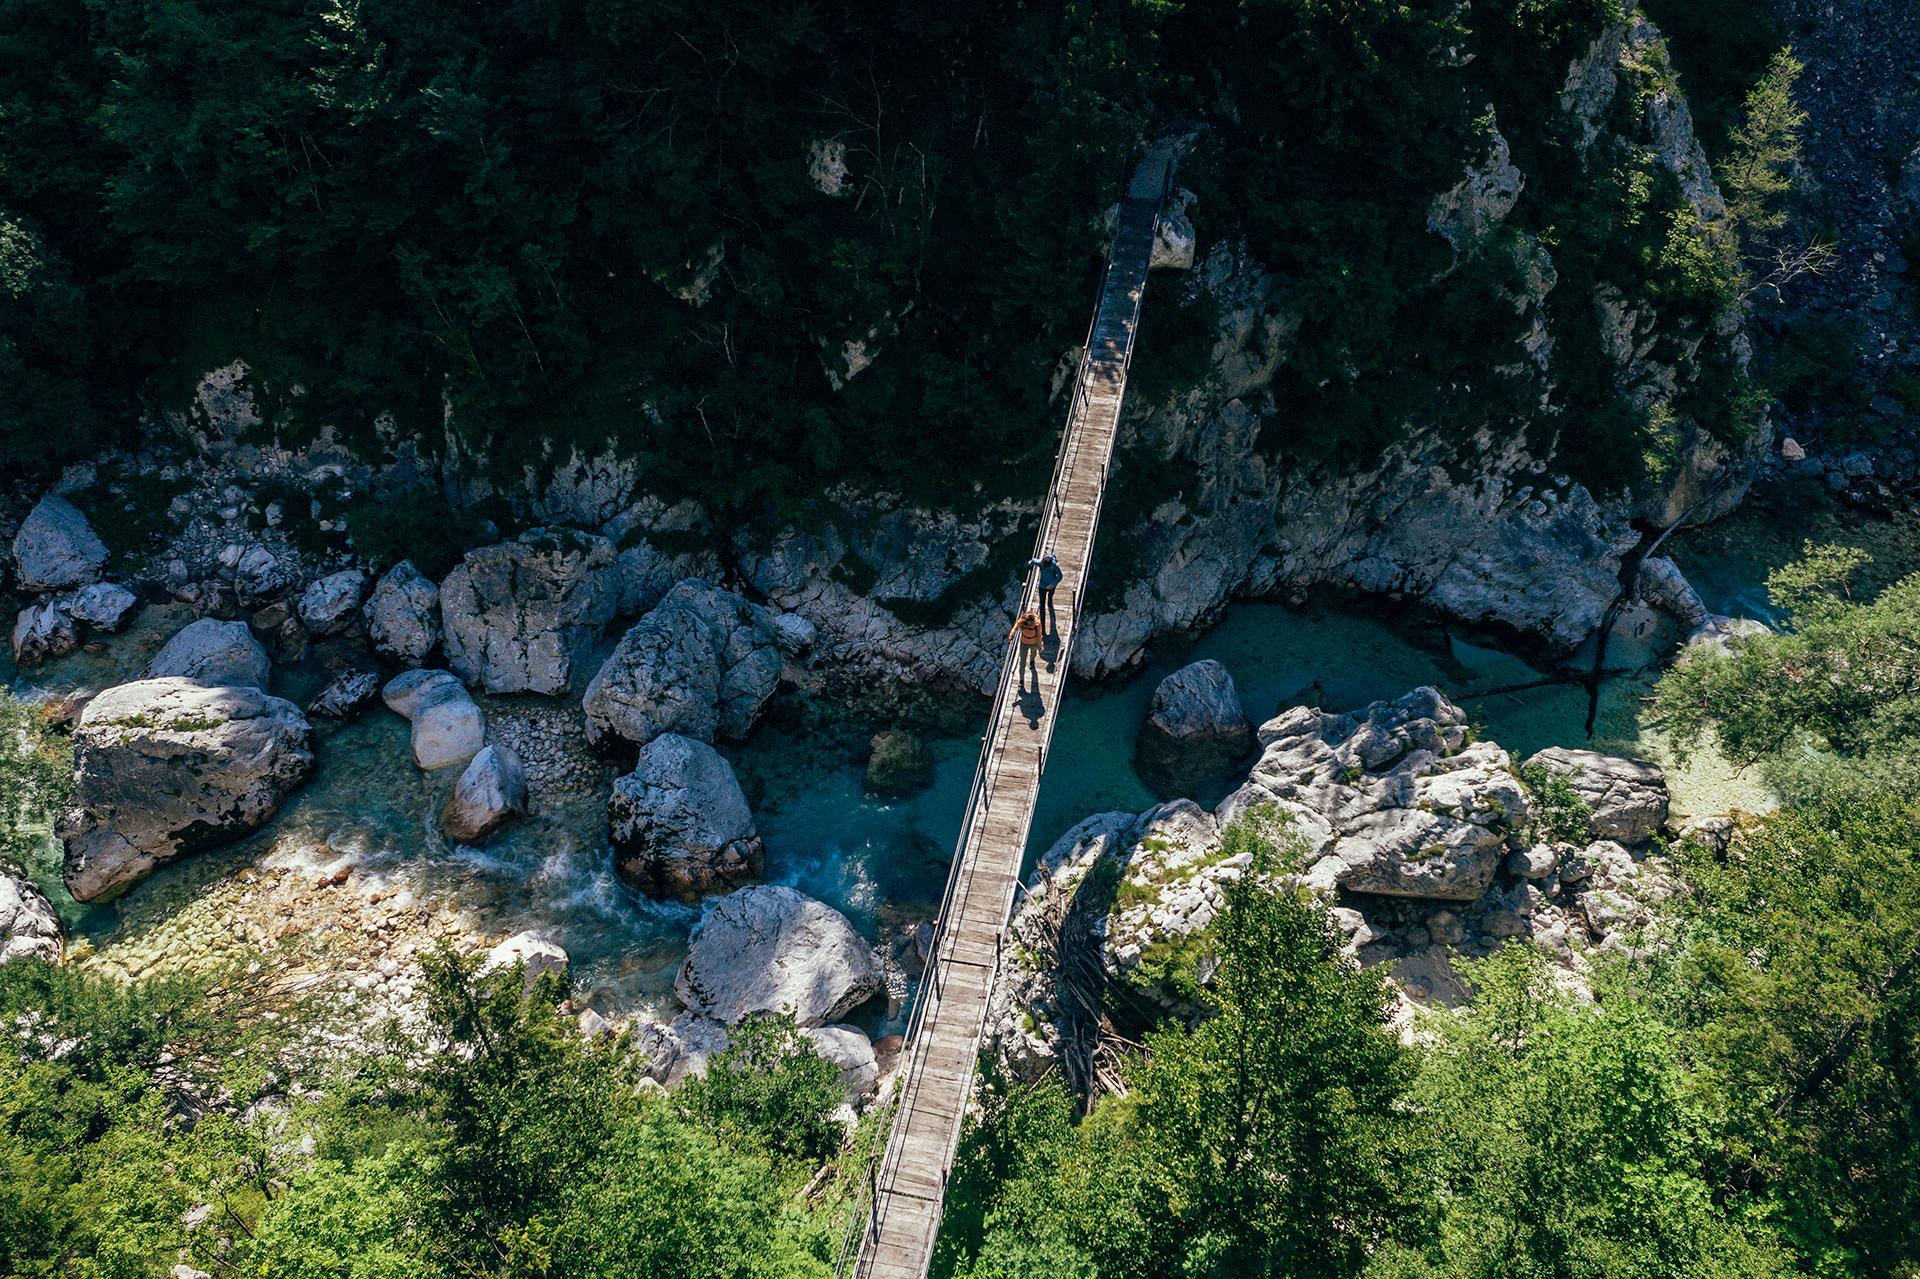 outdoor wandern trekking fotograf deutschland muenchen foto shooting